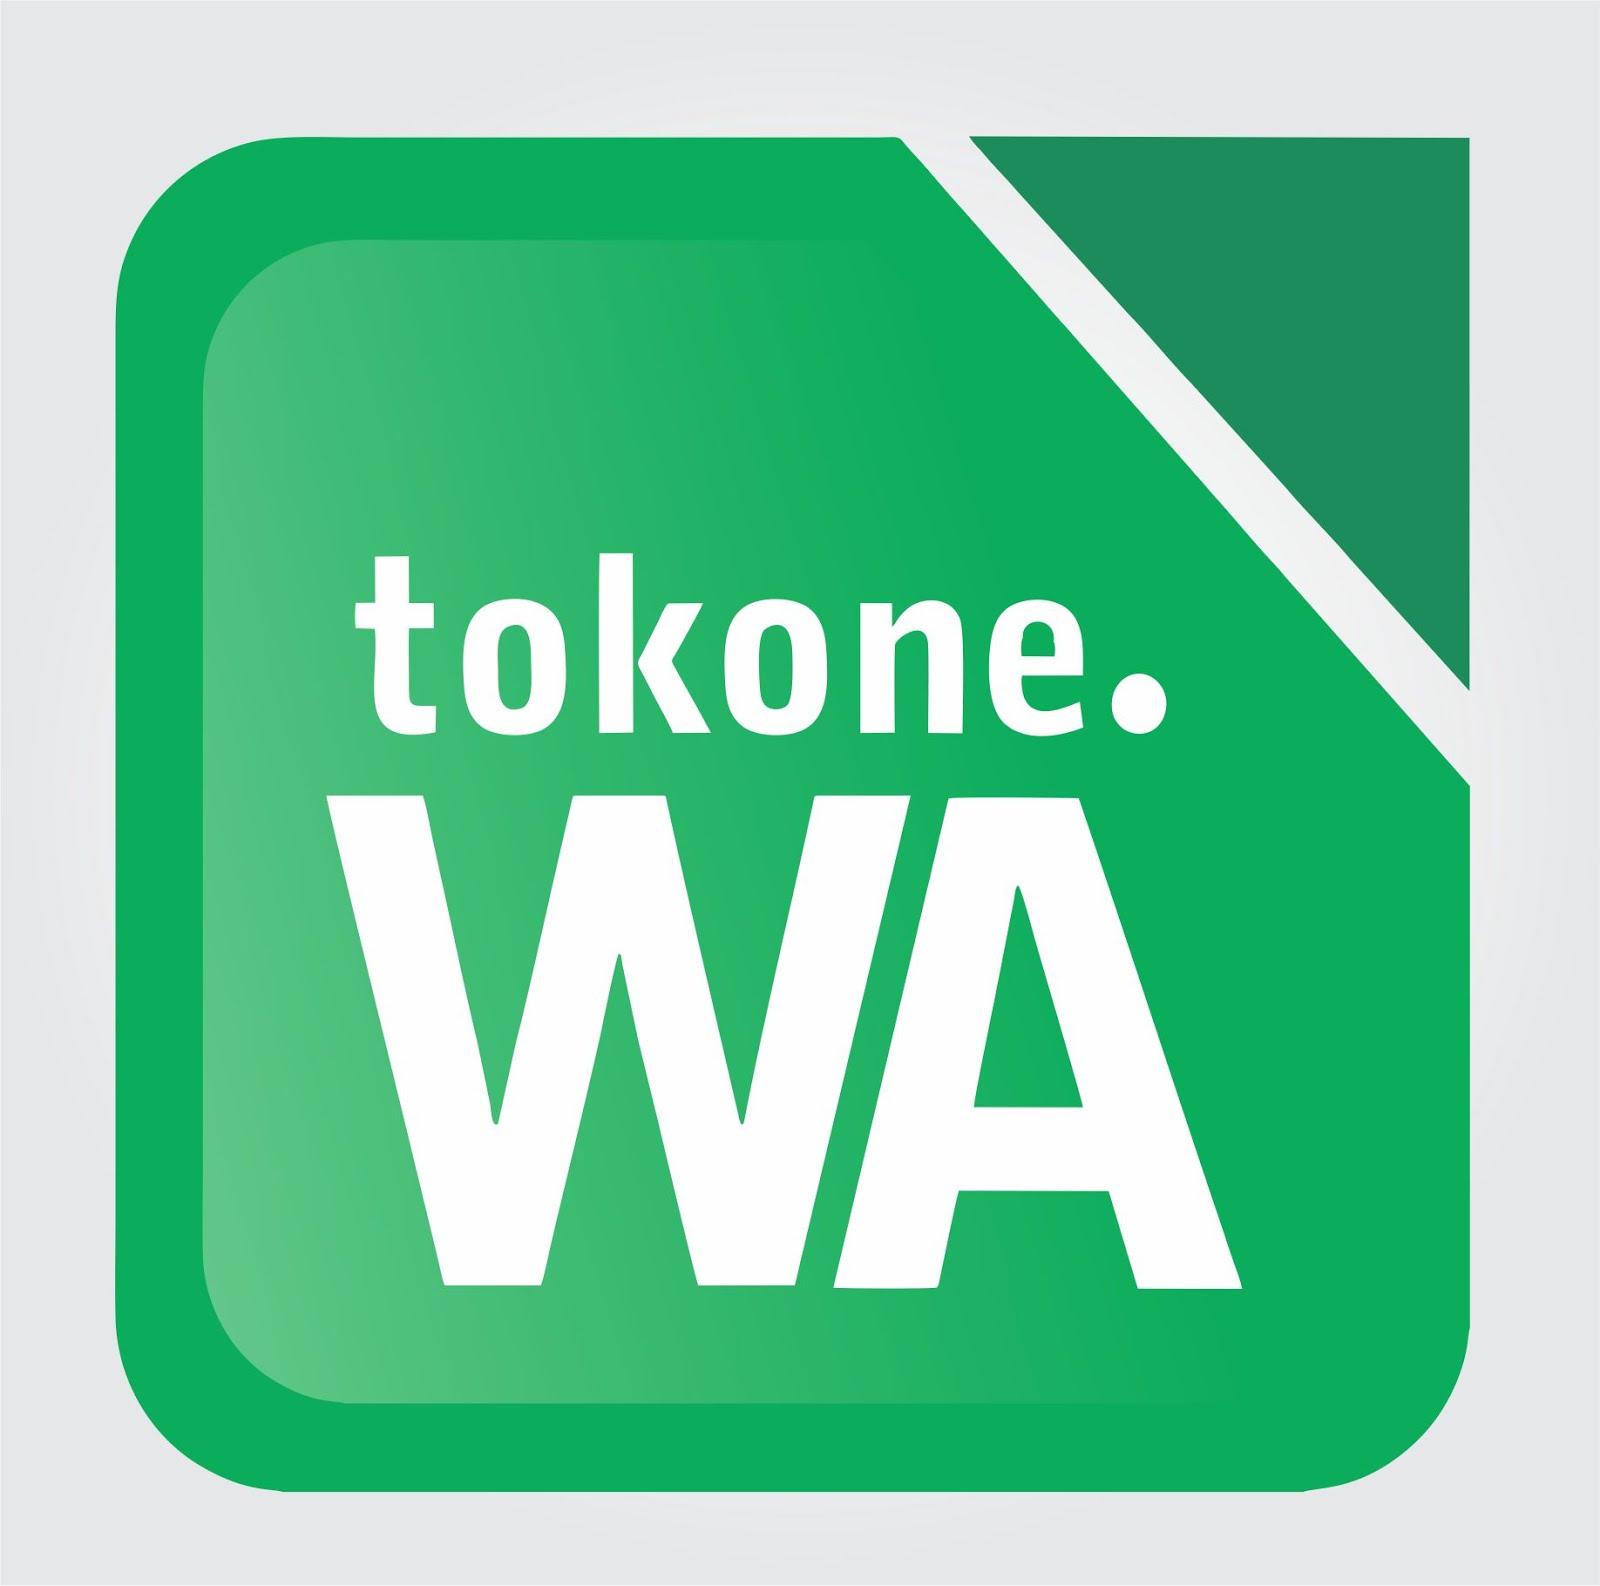 TokoneWA